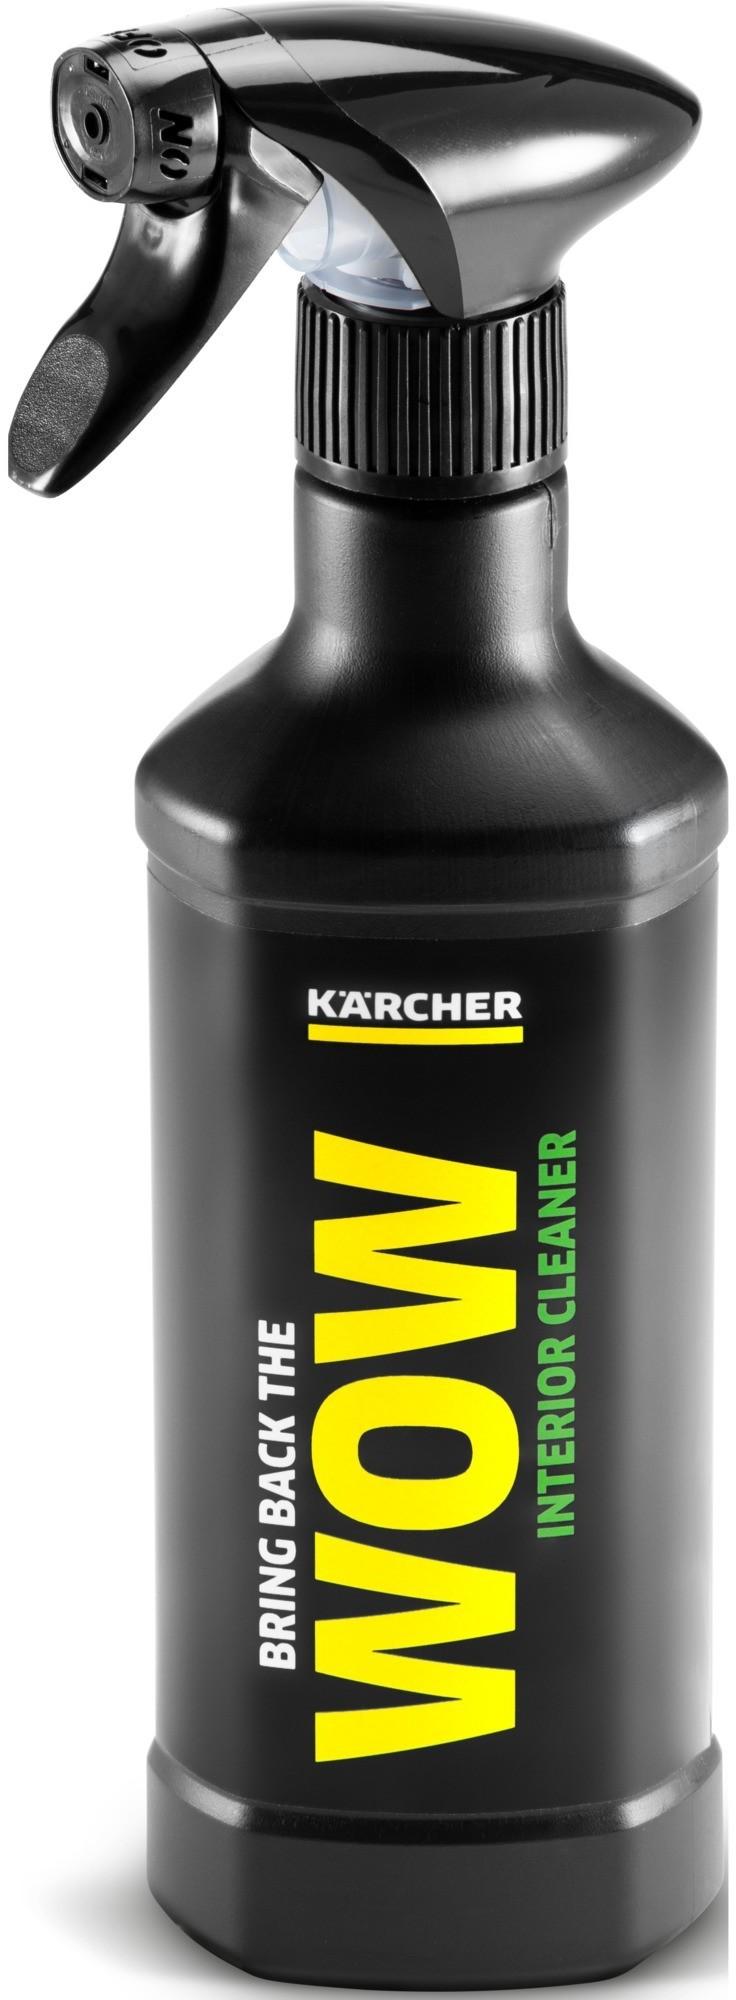 Kärcher RM 651 kontaktowy środek czyszczący 500 ml, Środki czyszczące